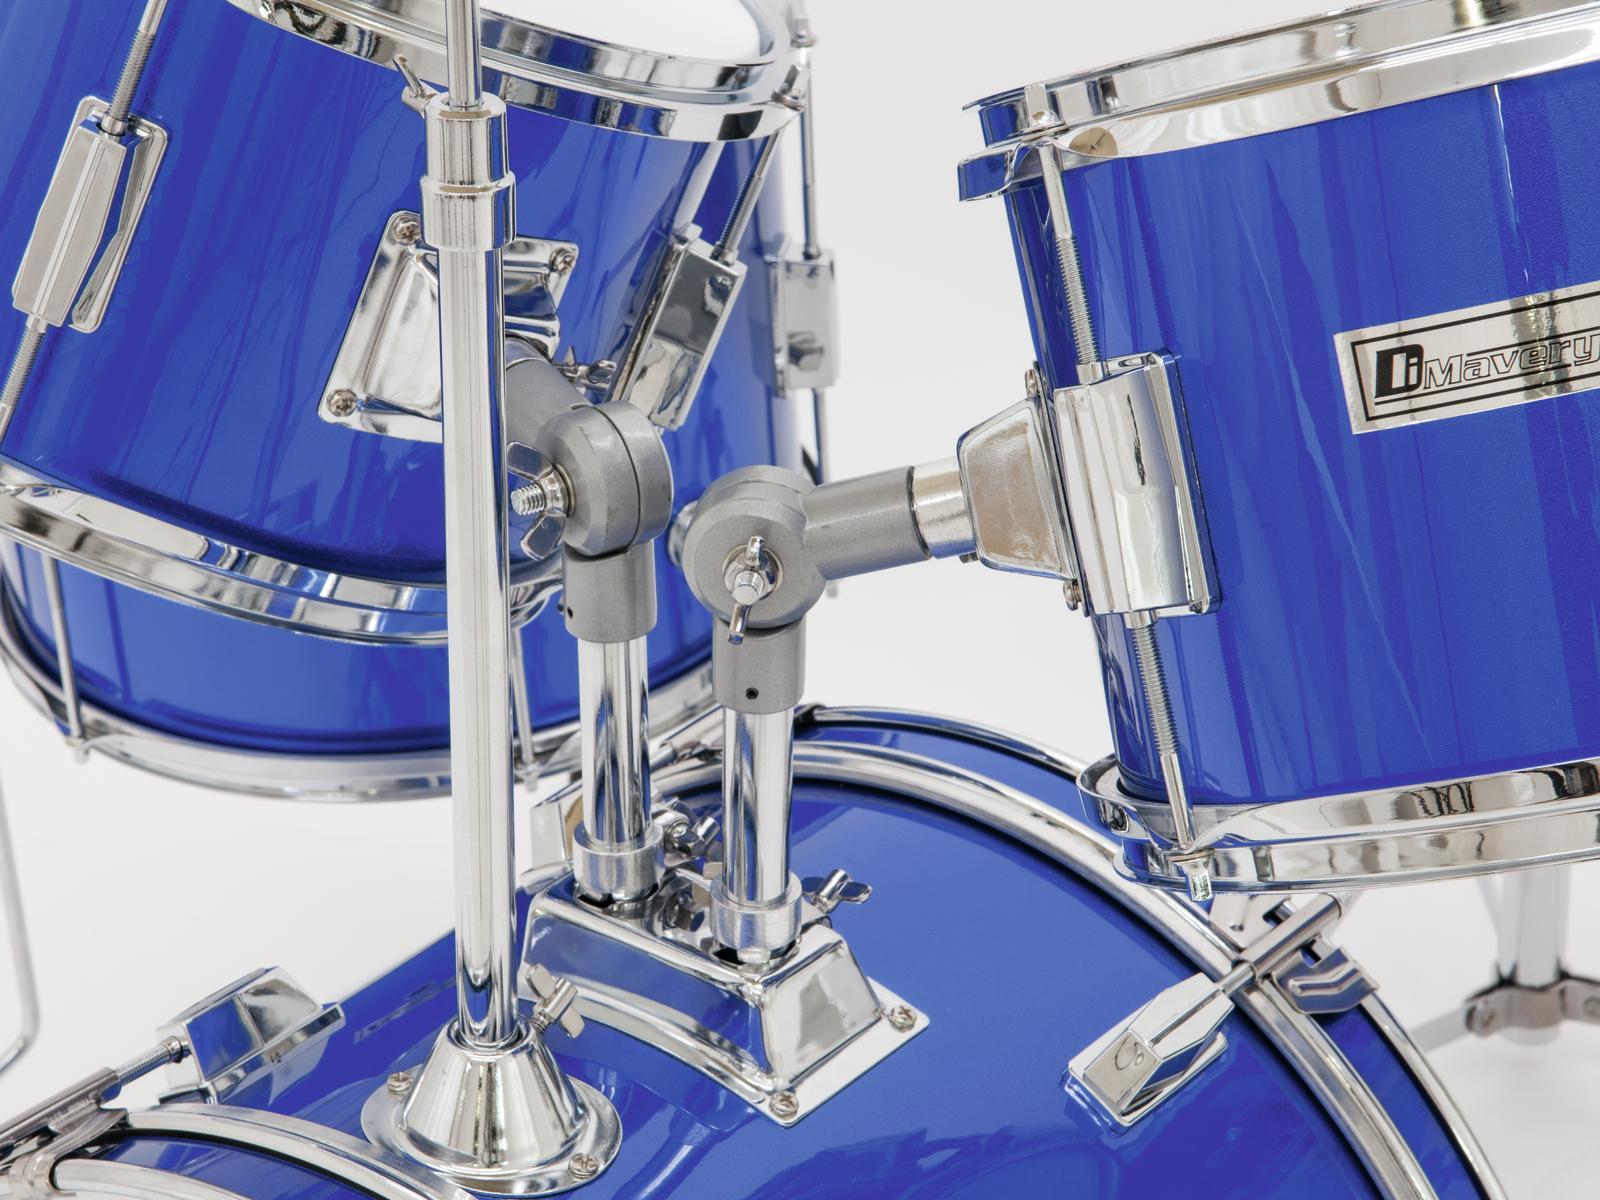 Batteria acustica per bambini, 5 pezzi blu, completa DIMAVERY JDS-305